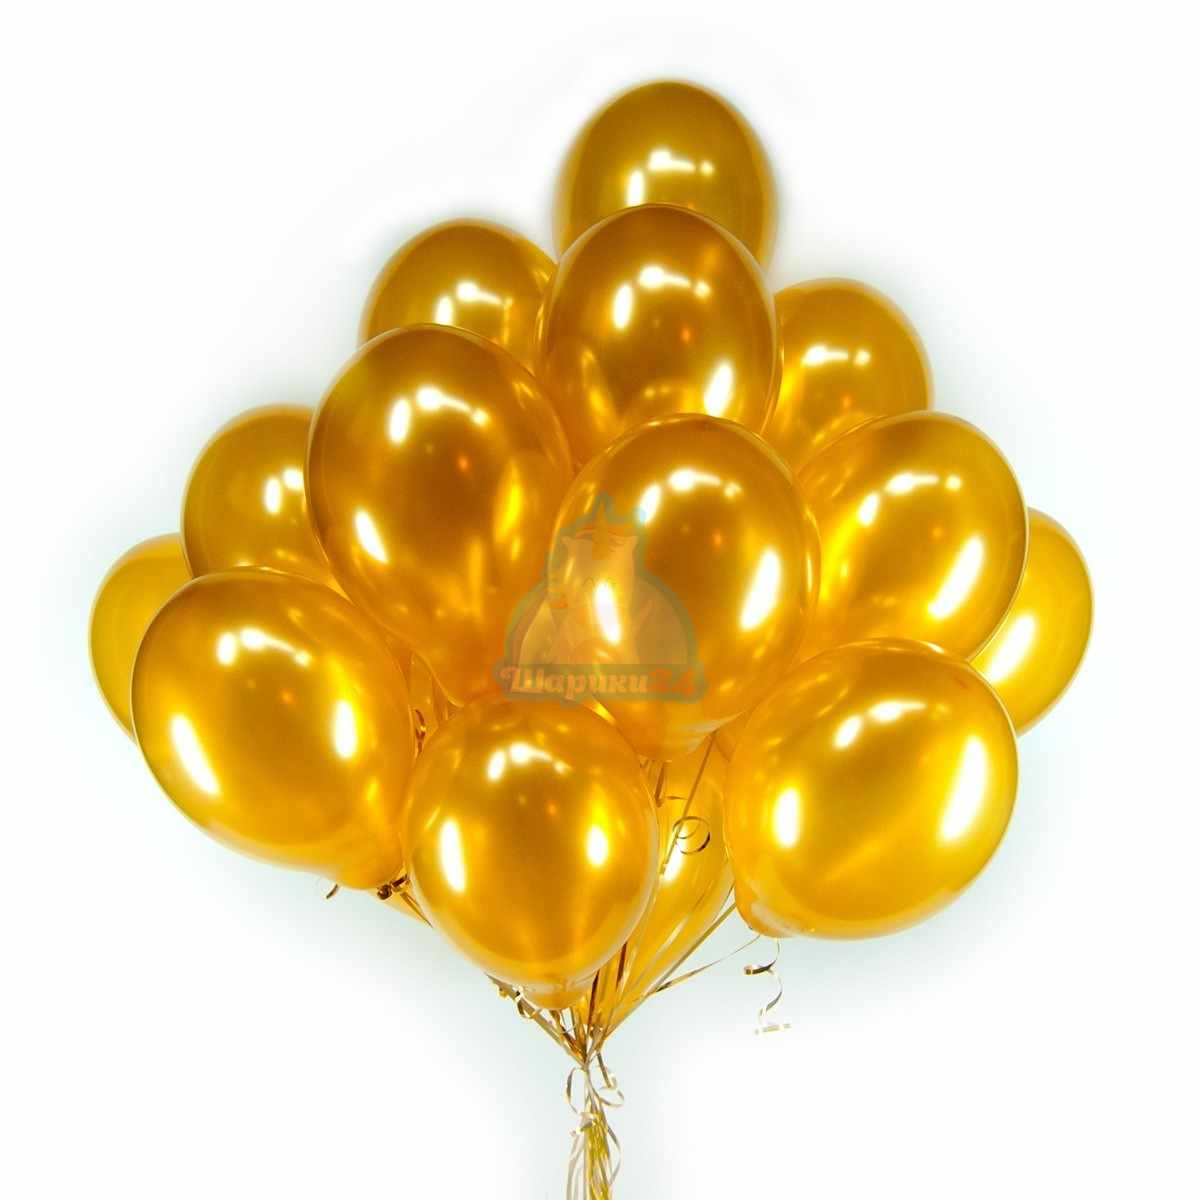 Золотые шарики фото в интернет-магазине Шарики 24